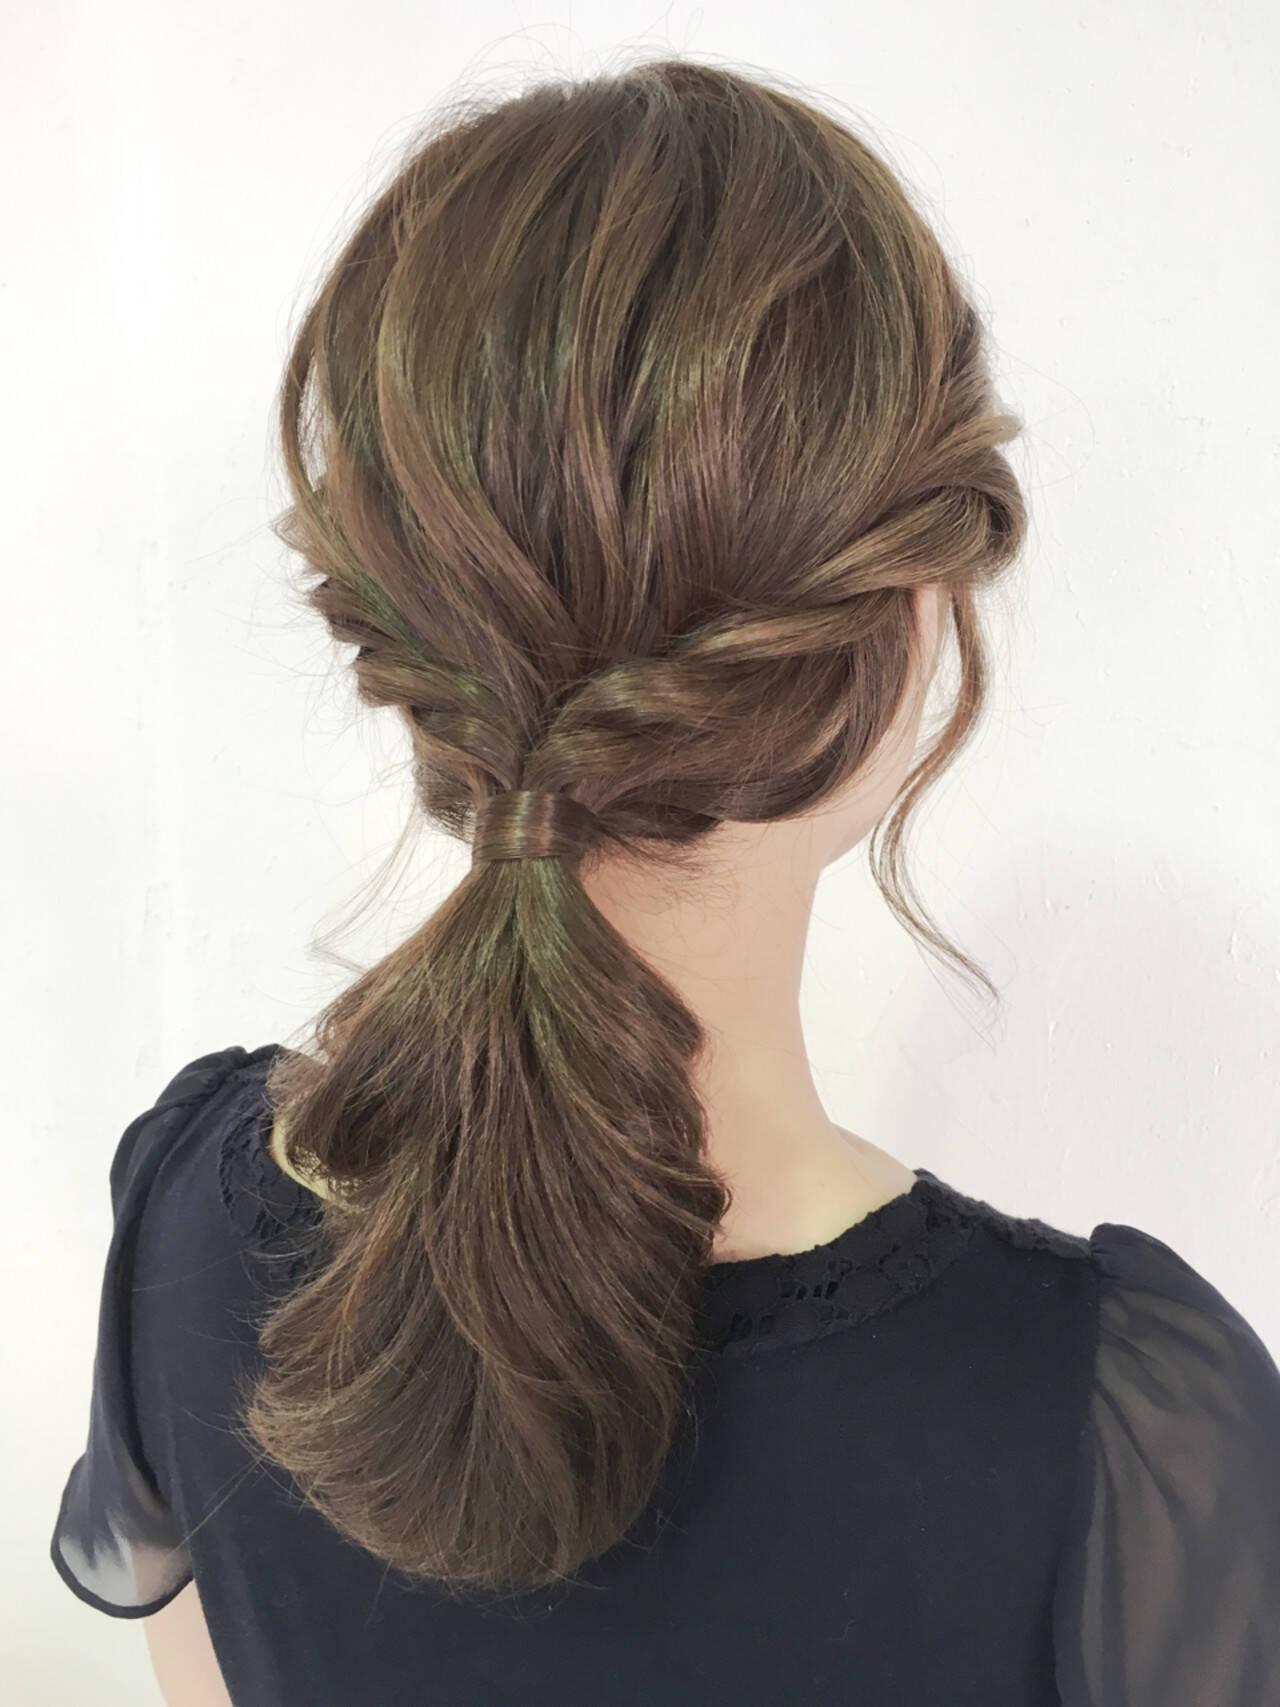 ナチュラル 簡単ヘアアレンジ ヘアアレンジ ルーズヘアスタイルや髪型の写真・画像